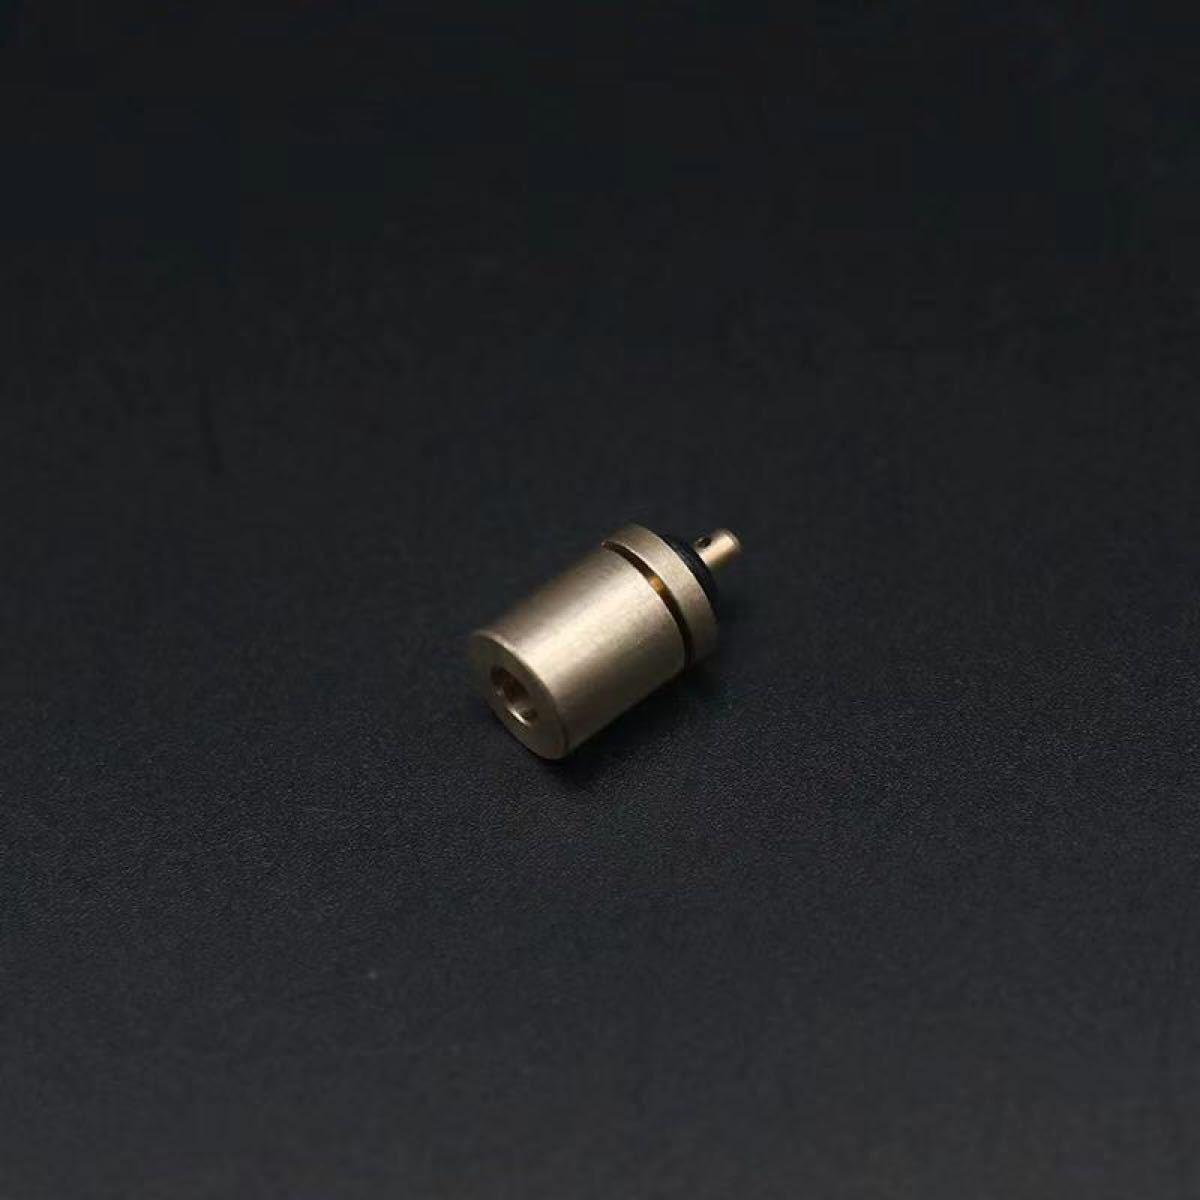 ガス詰め替えアダプター cb缶からod缶 ブタンキャニスター充填